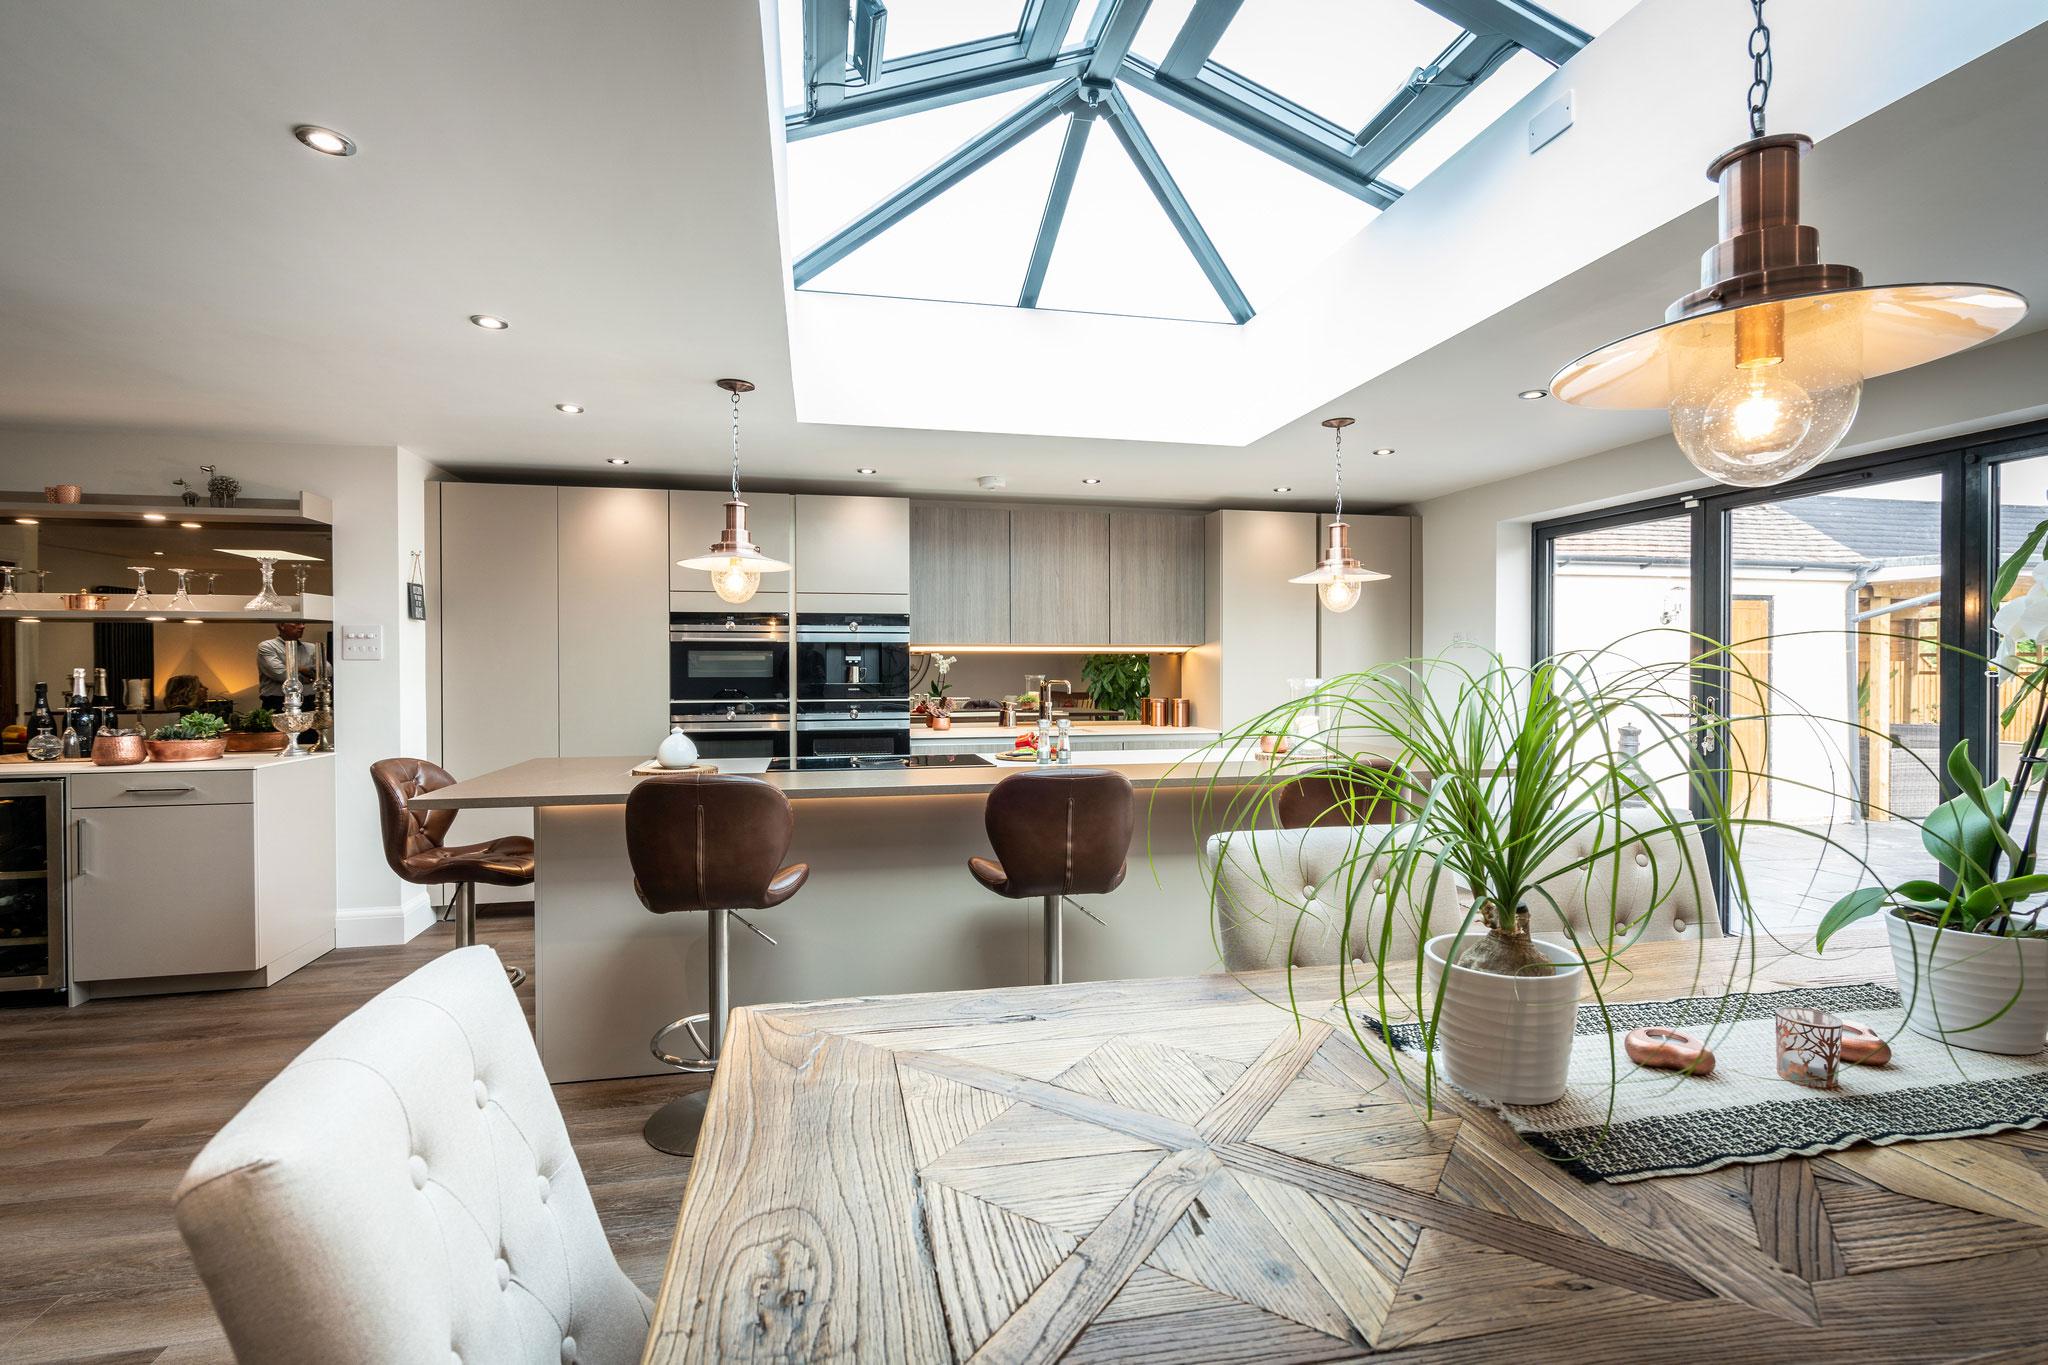 Image of Myers Touch Daniels Kitchen 01020 ZF 2442 14358 1 030 in Un espace conçu pour la convivialité - Cosentino